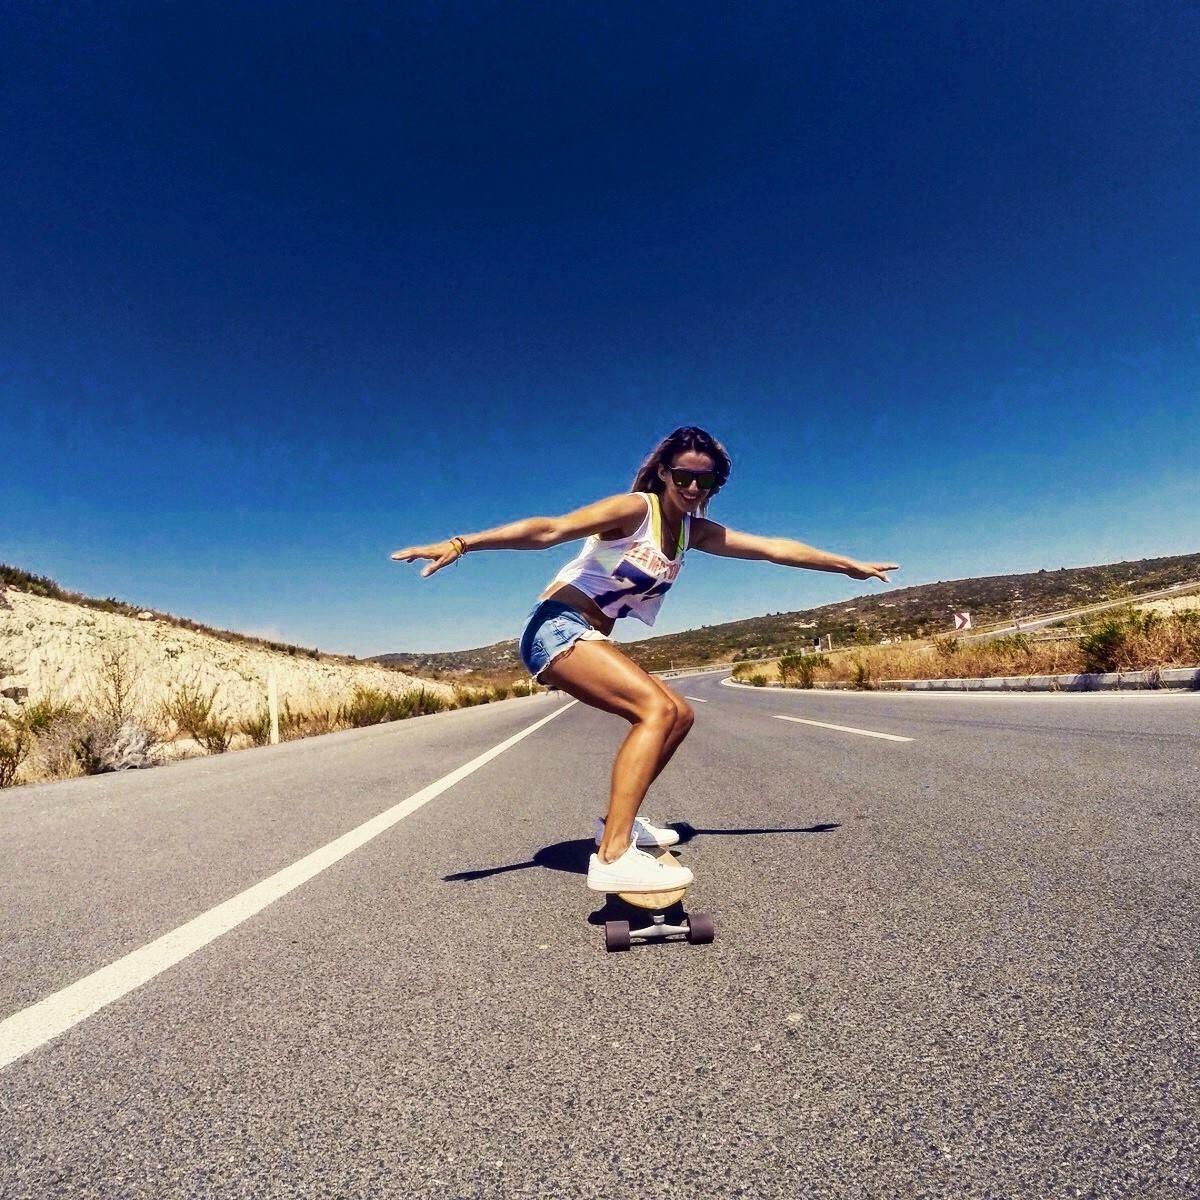 Výsledek obrázku pro girl on skate with long hair